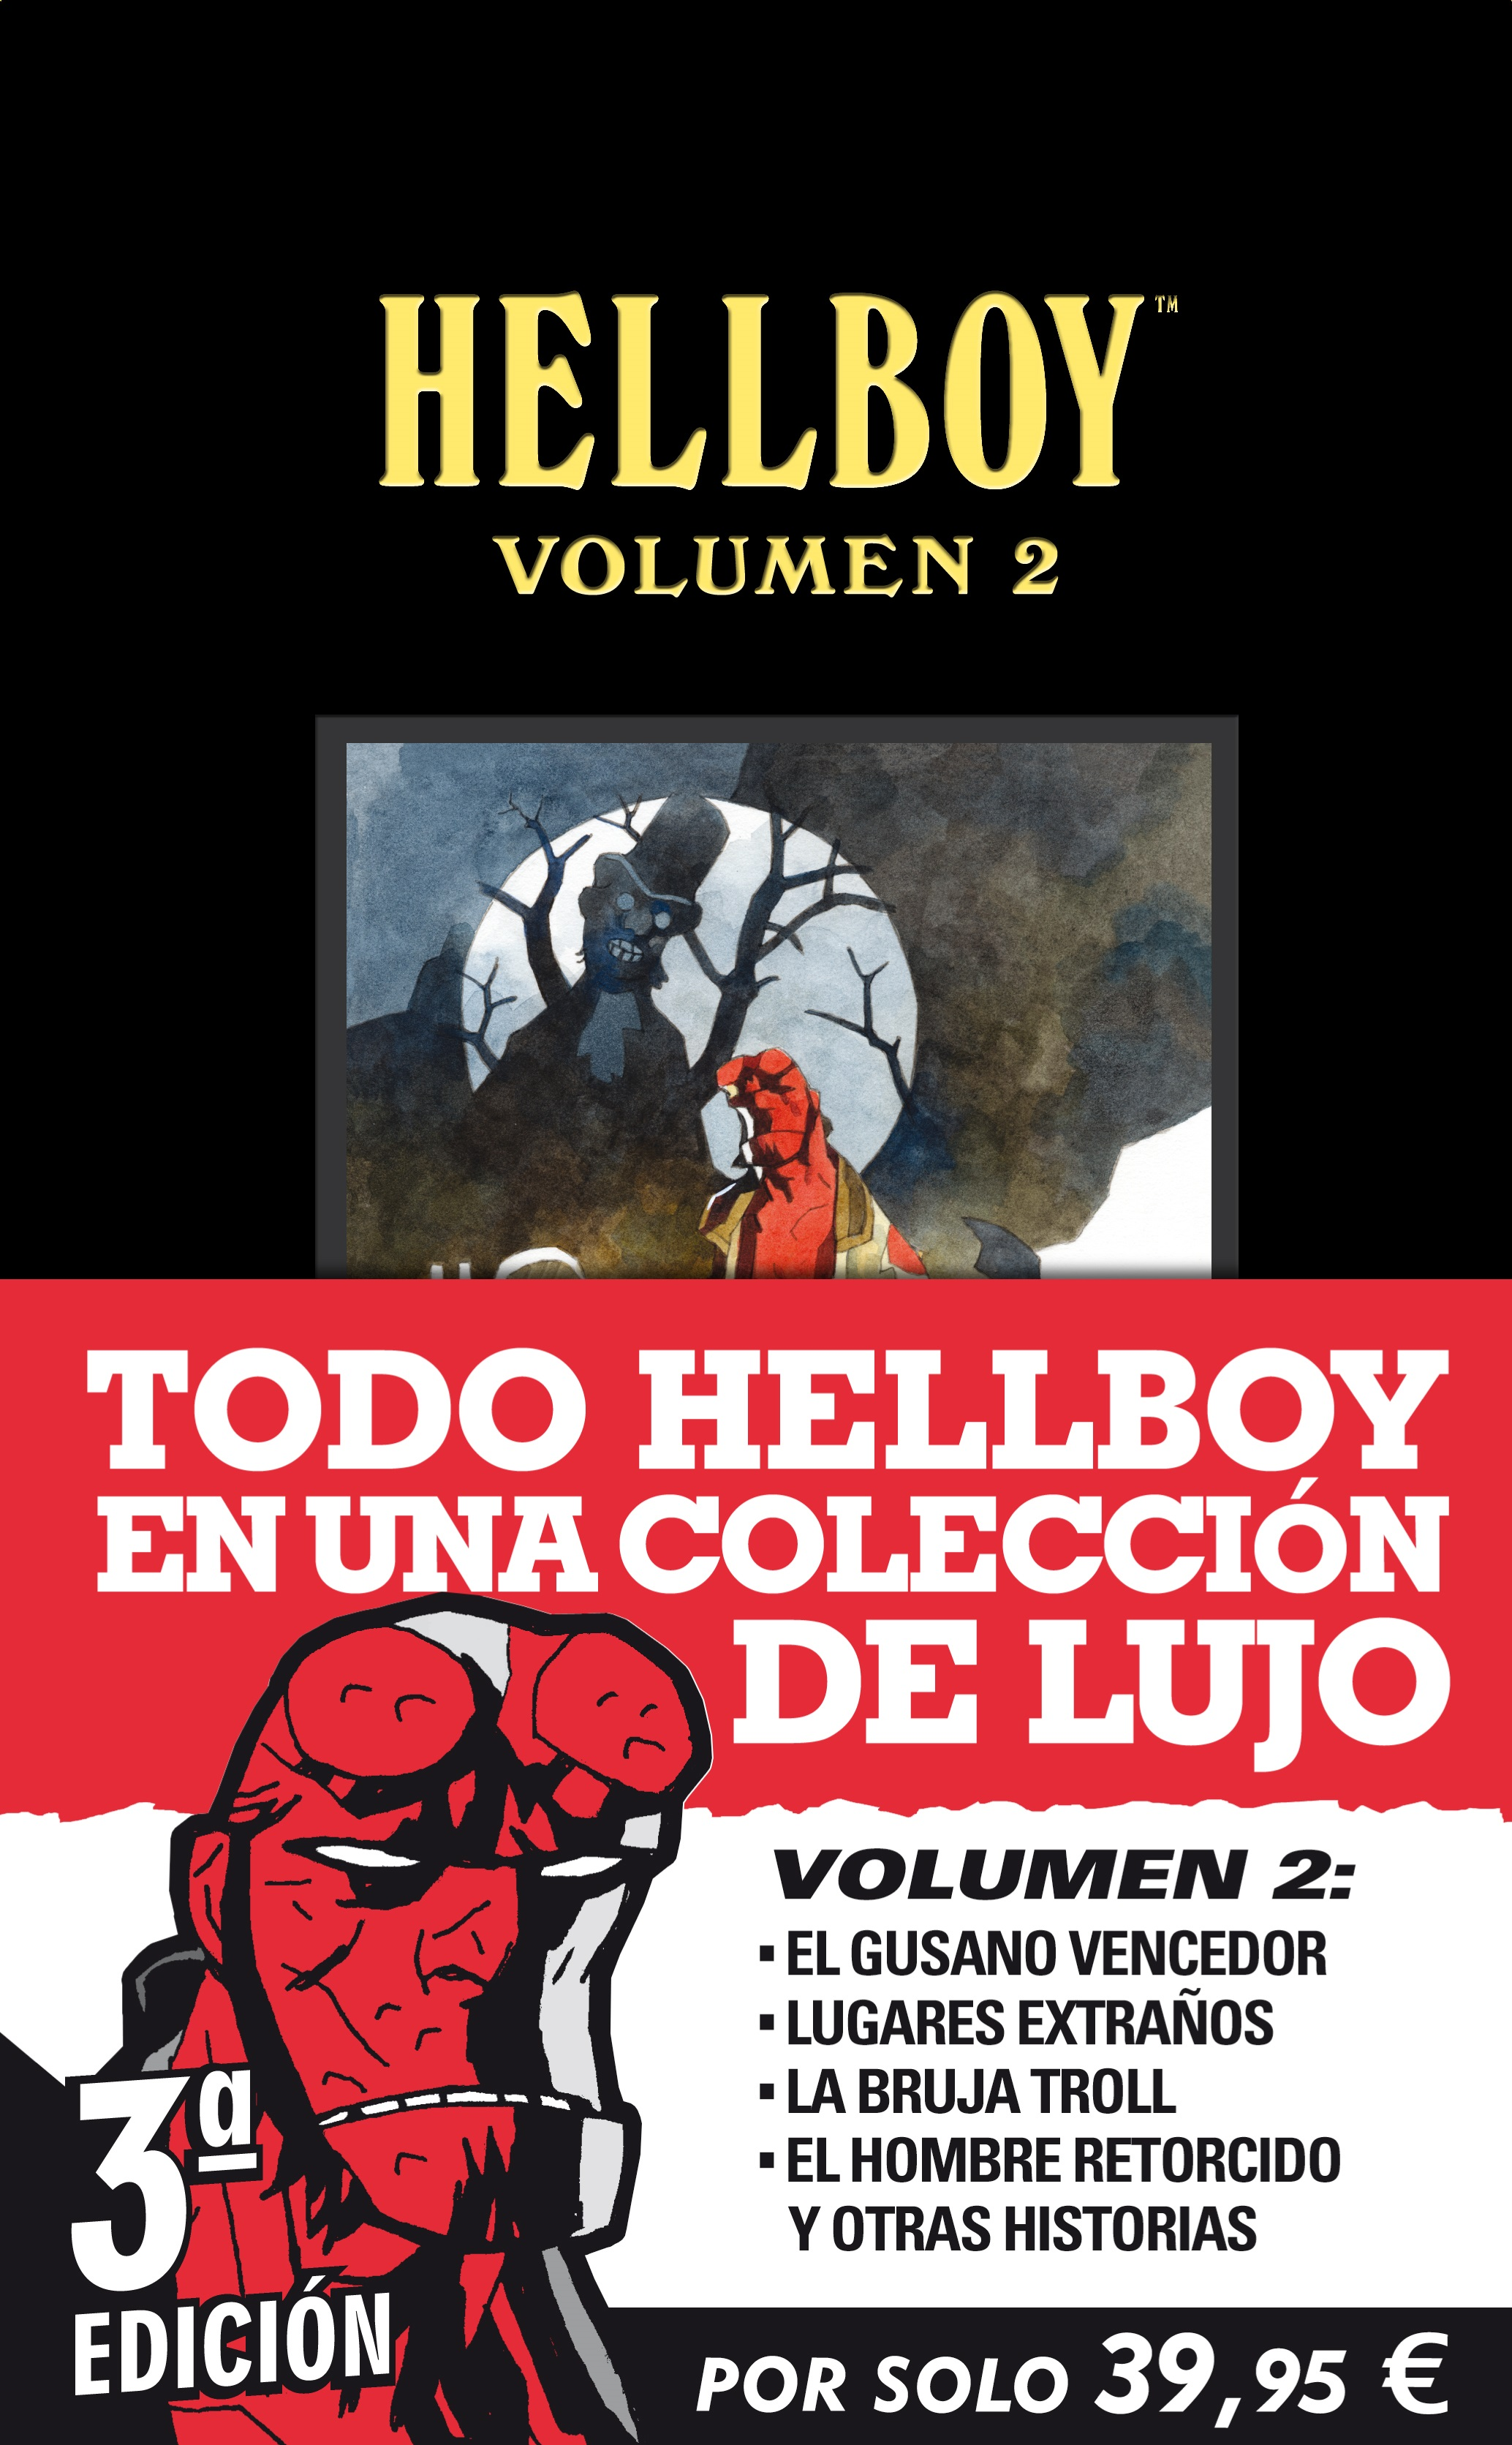 COVER HELLBOY VOLUMEN 02 3aed CON FAJA